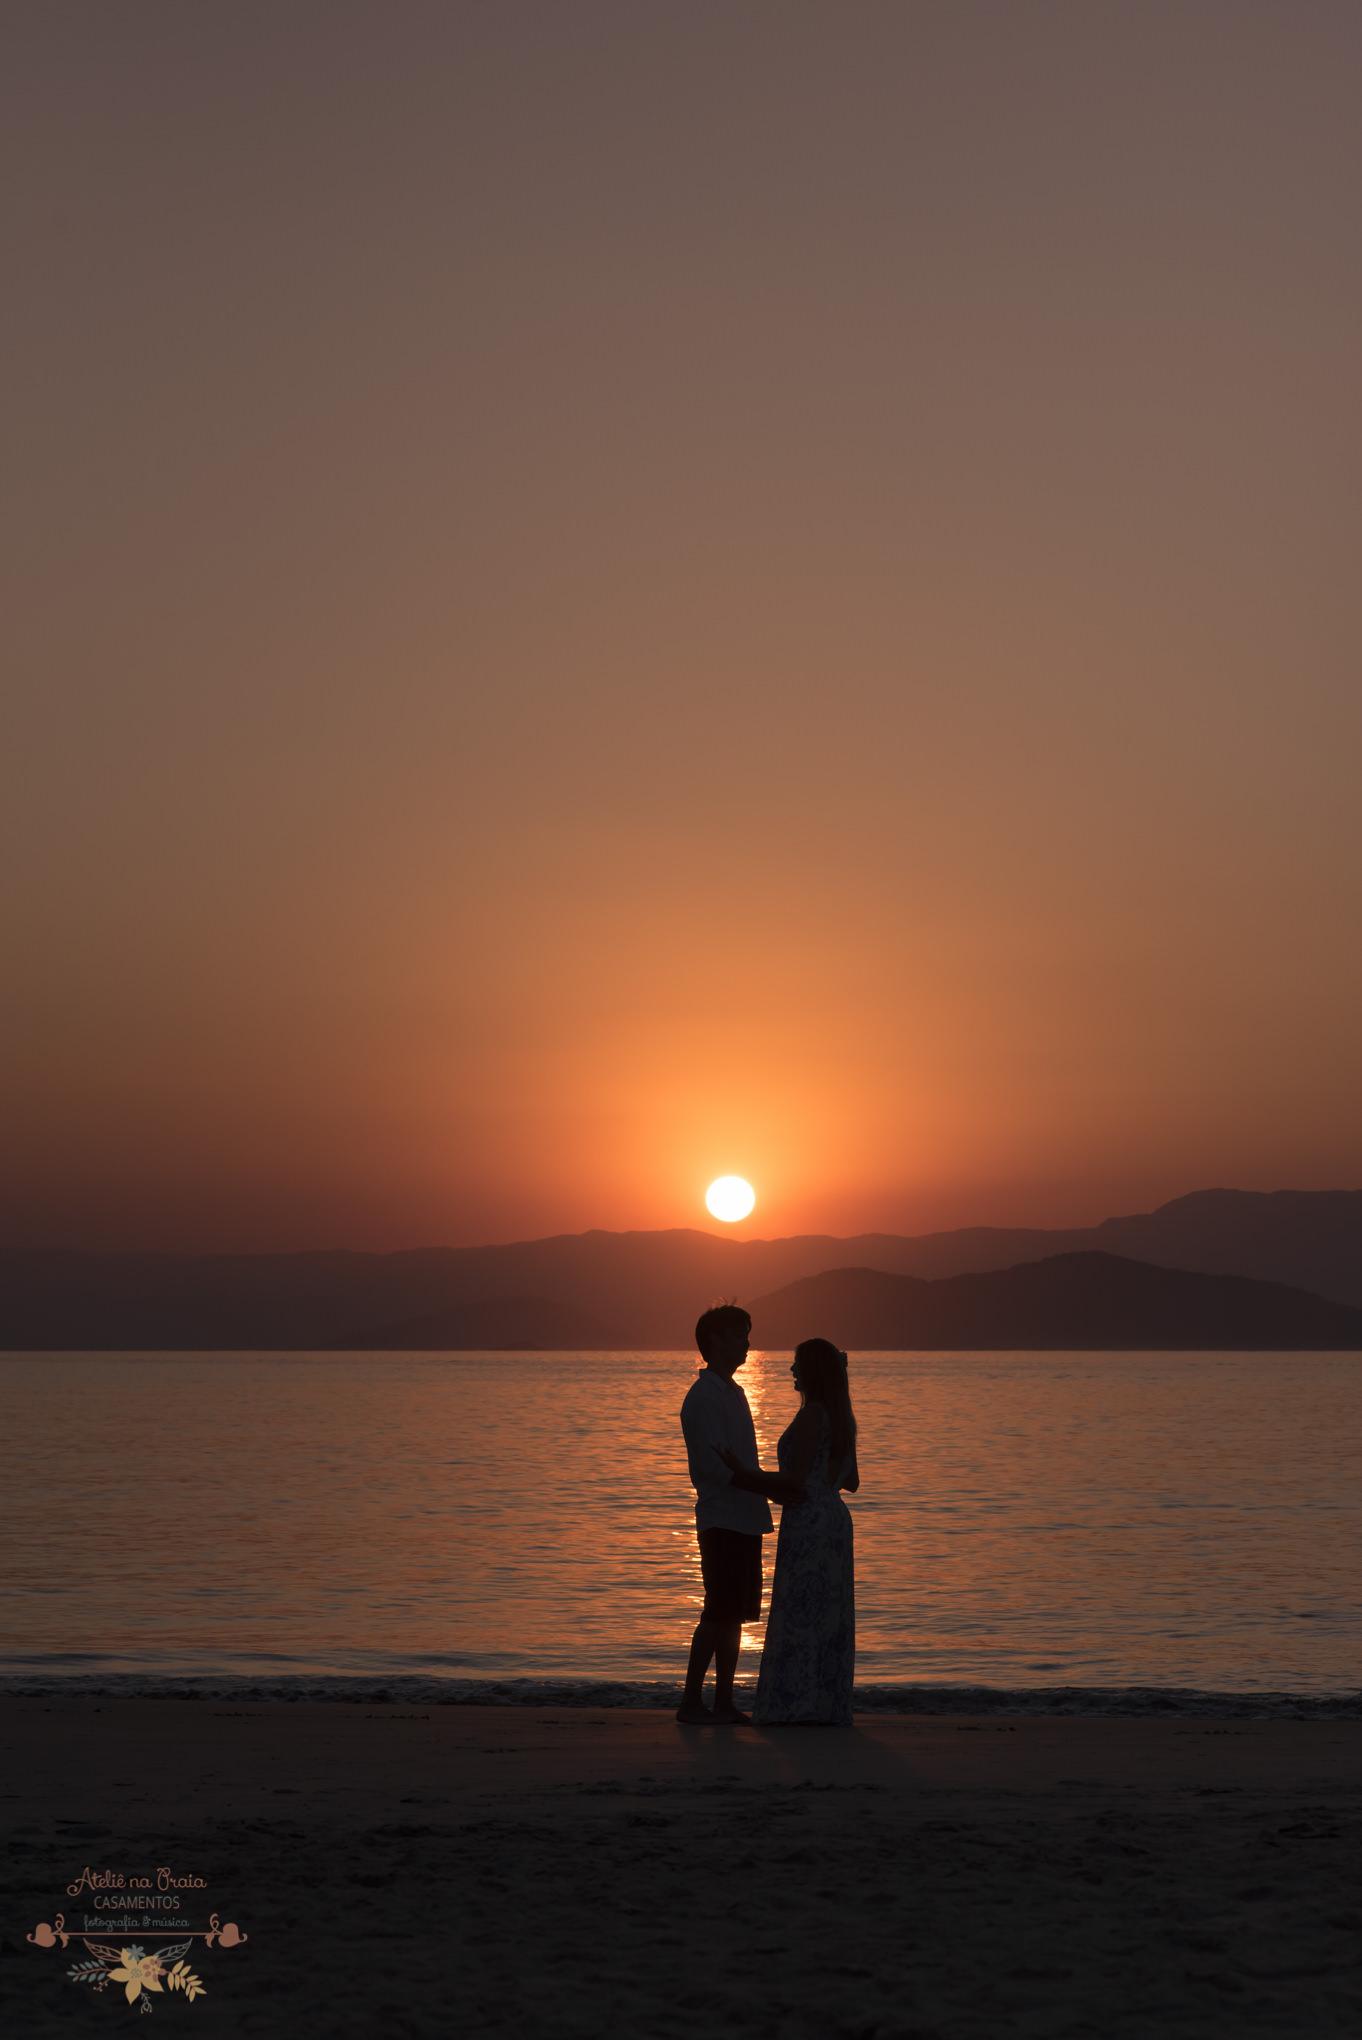 Atelie-na-Praia-Pre-Wedding-Noivos-Carol-Thomas-PQ-3499